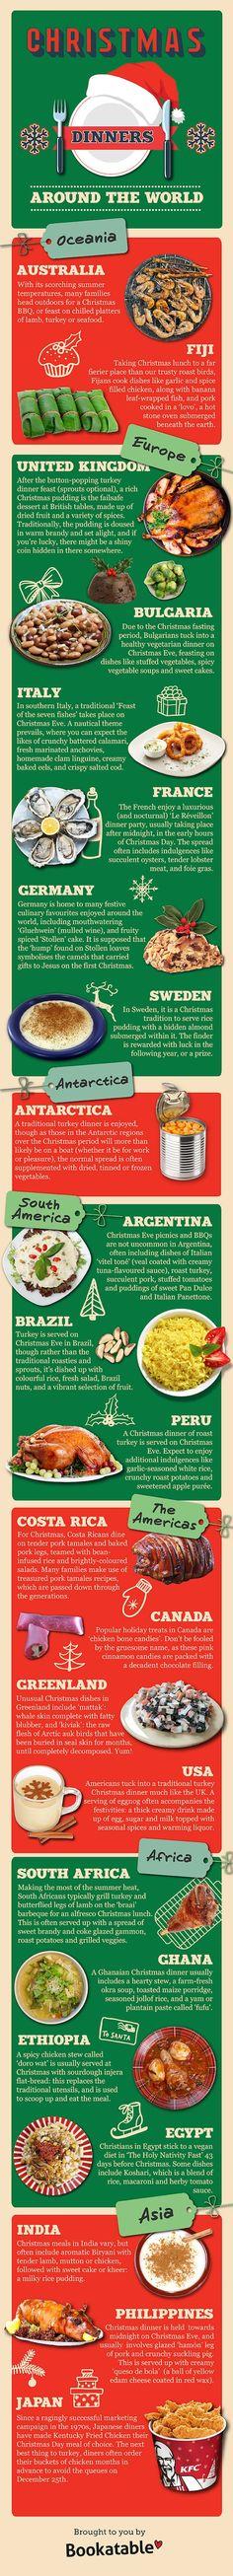 O que se come na ceia de Natal ao redor do mundo - Assuntos Criativos